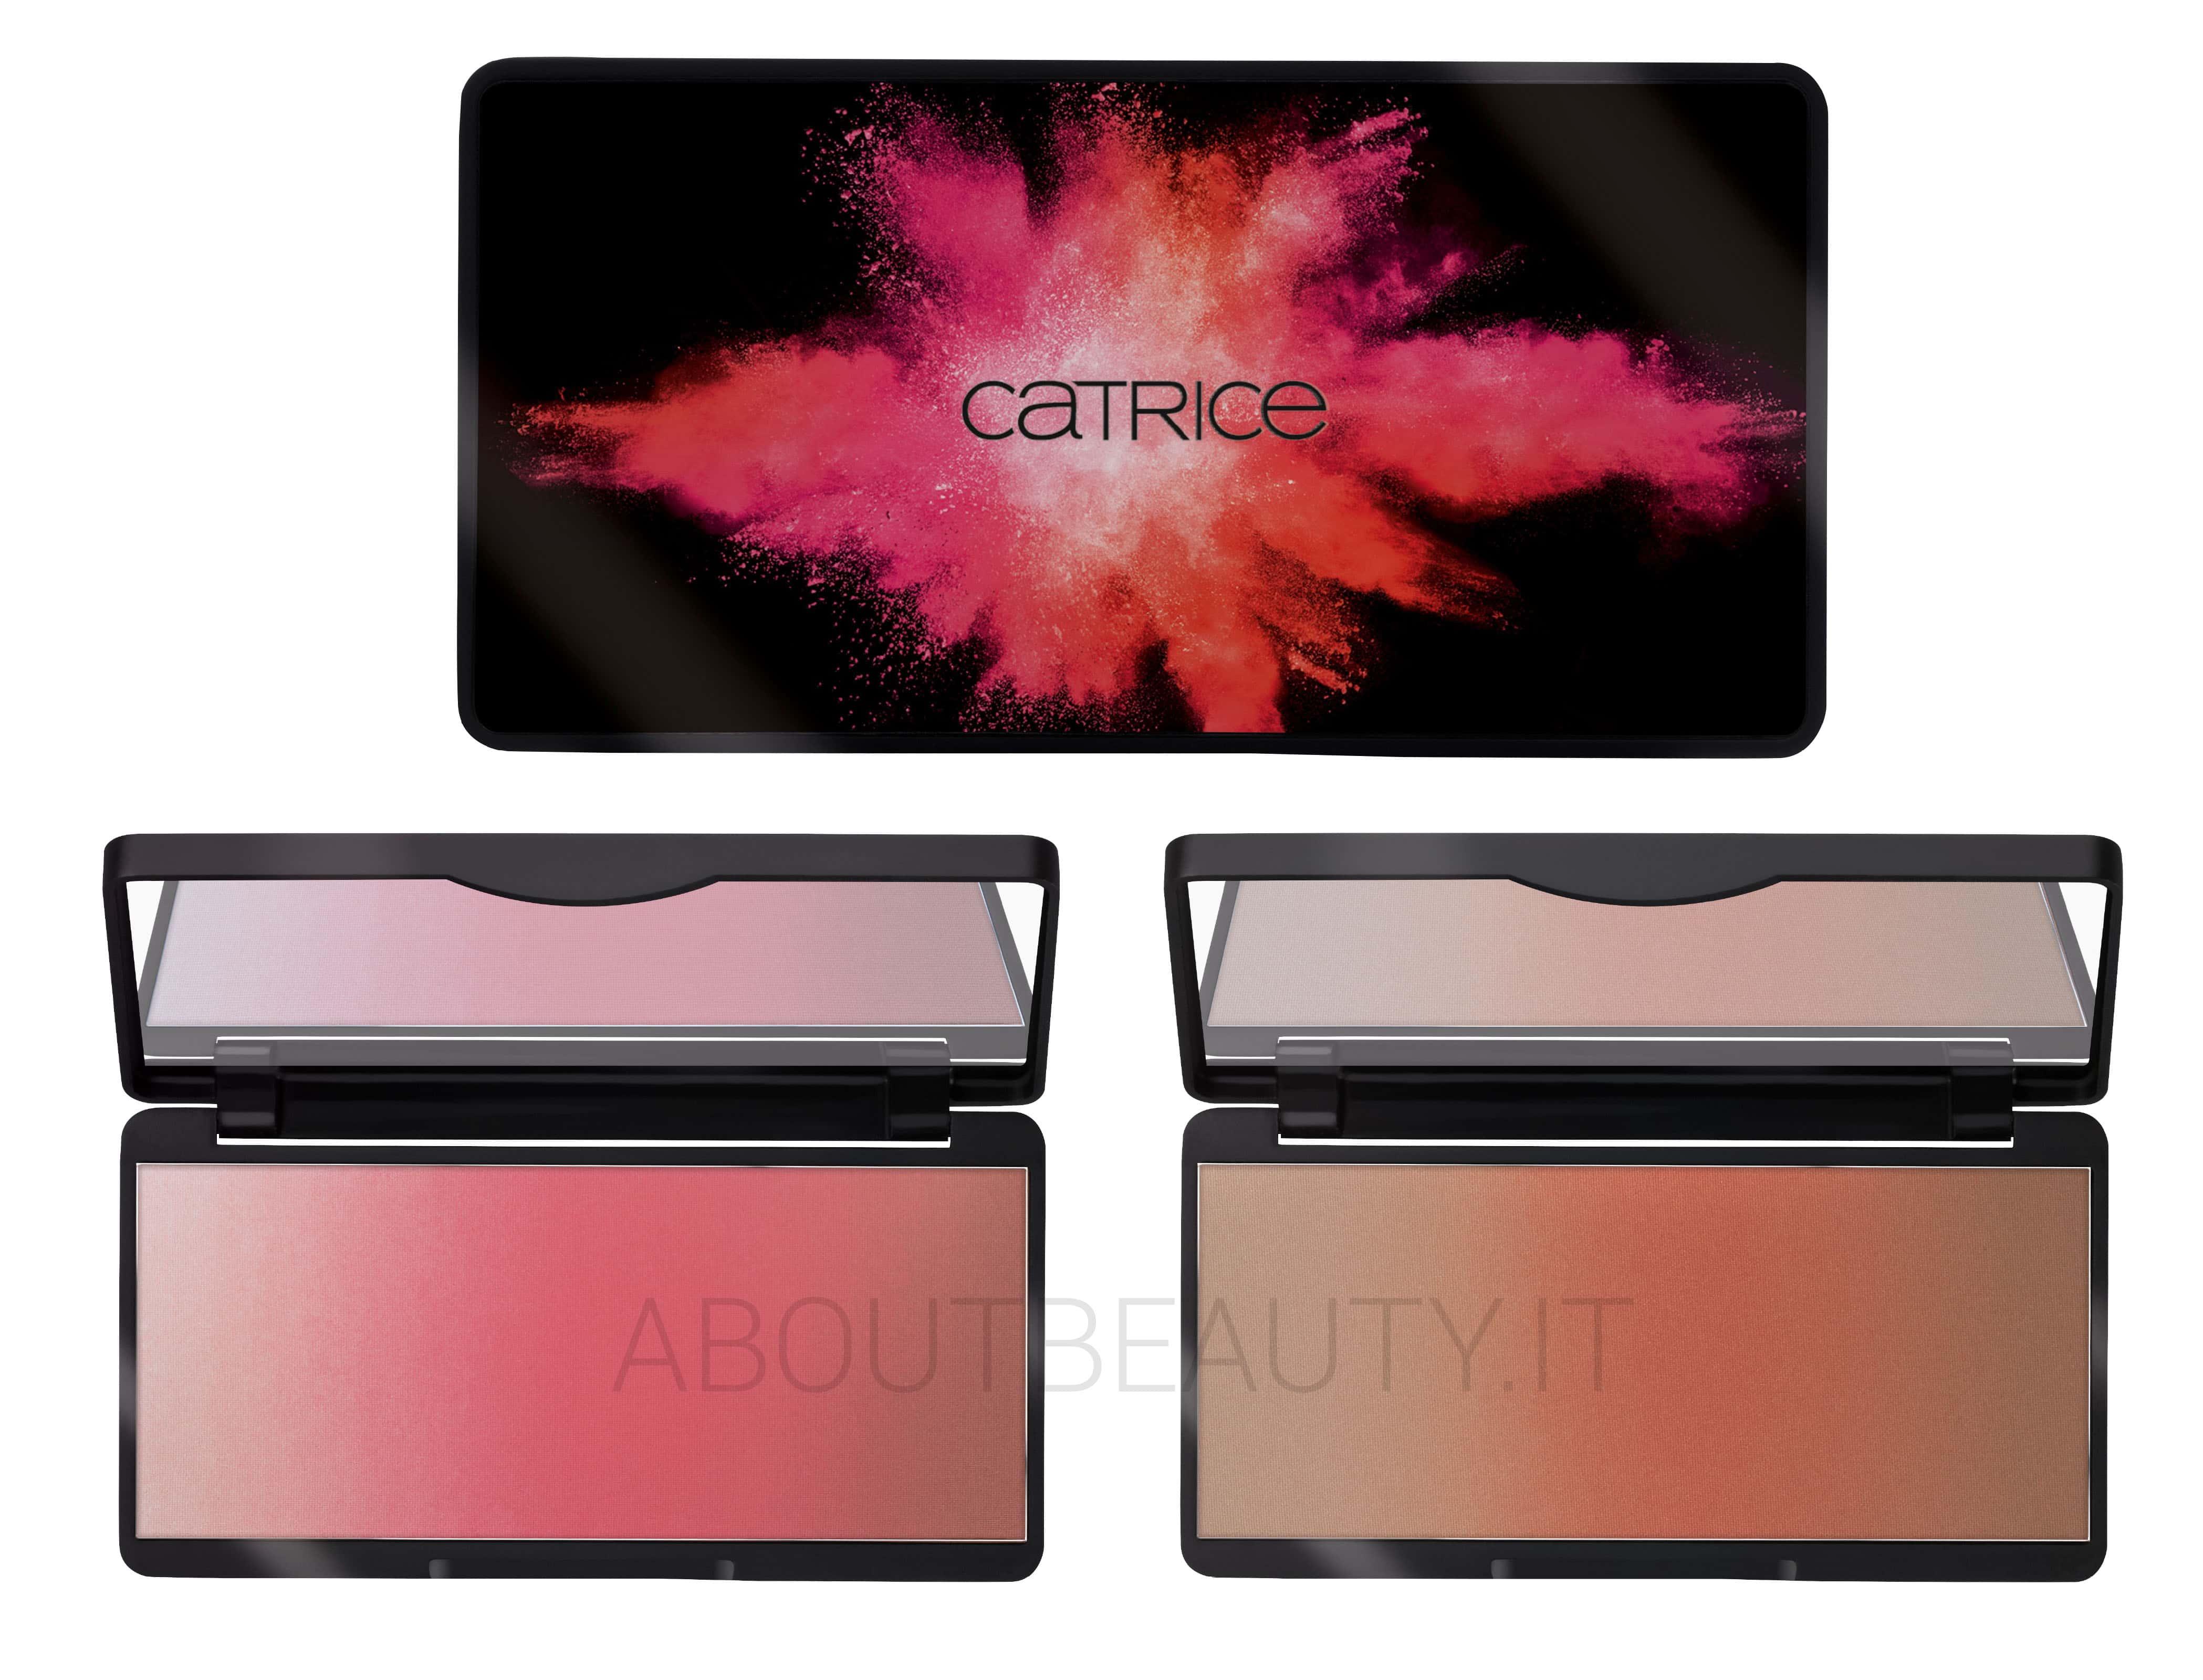 Catrice Blush Flush edizione limitata: info, recensione, review, prezzo, dove acquistare, swatch - Palette blush viso ombré